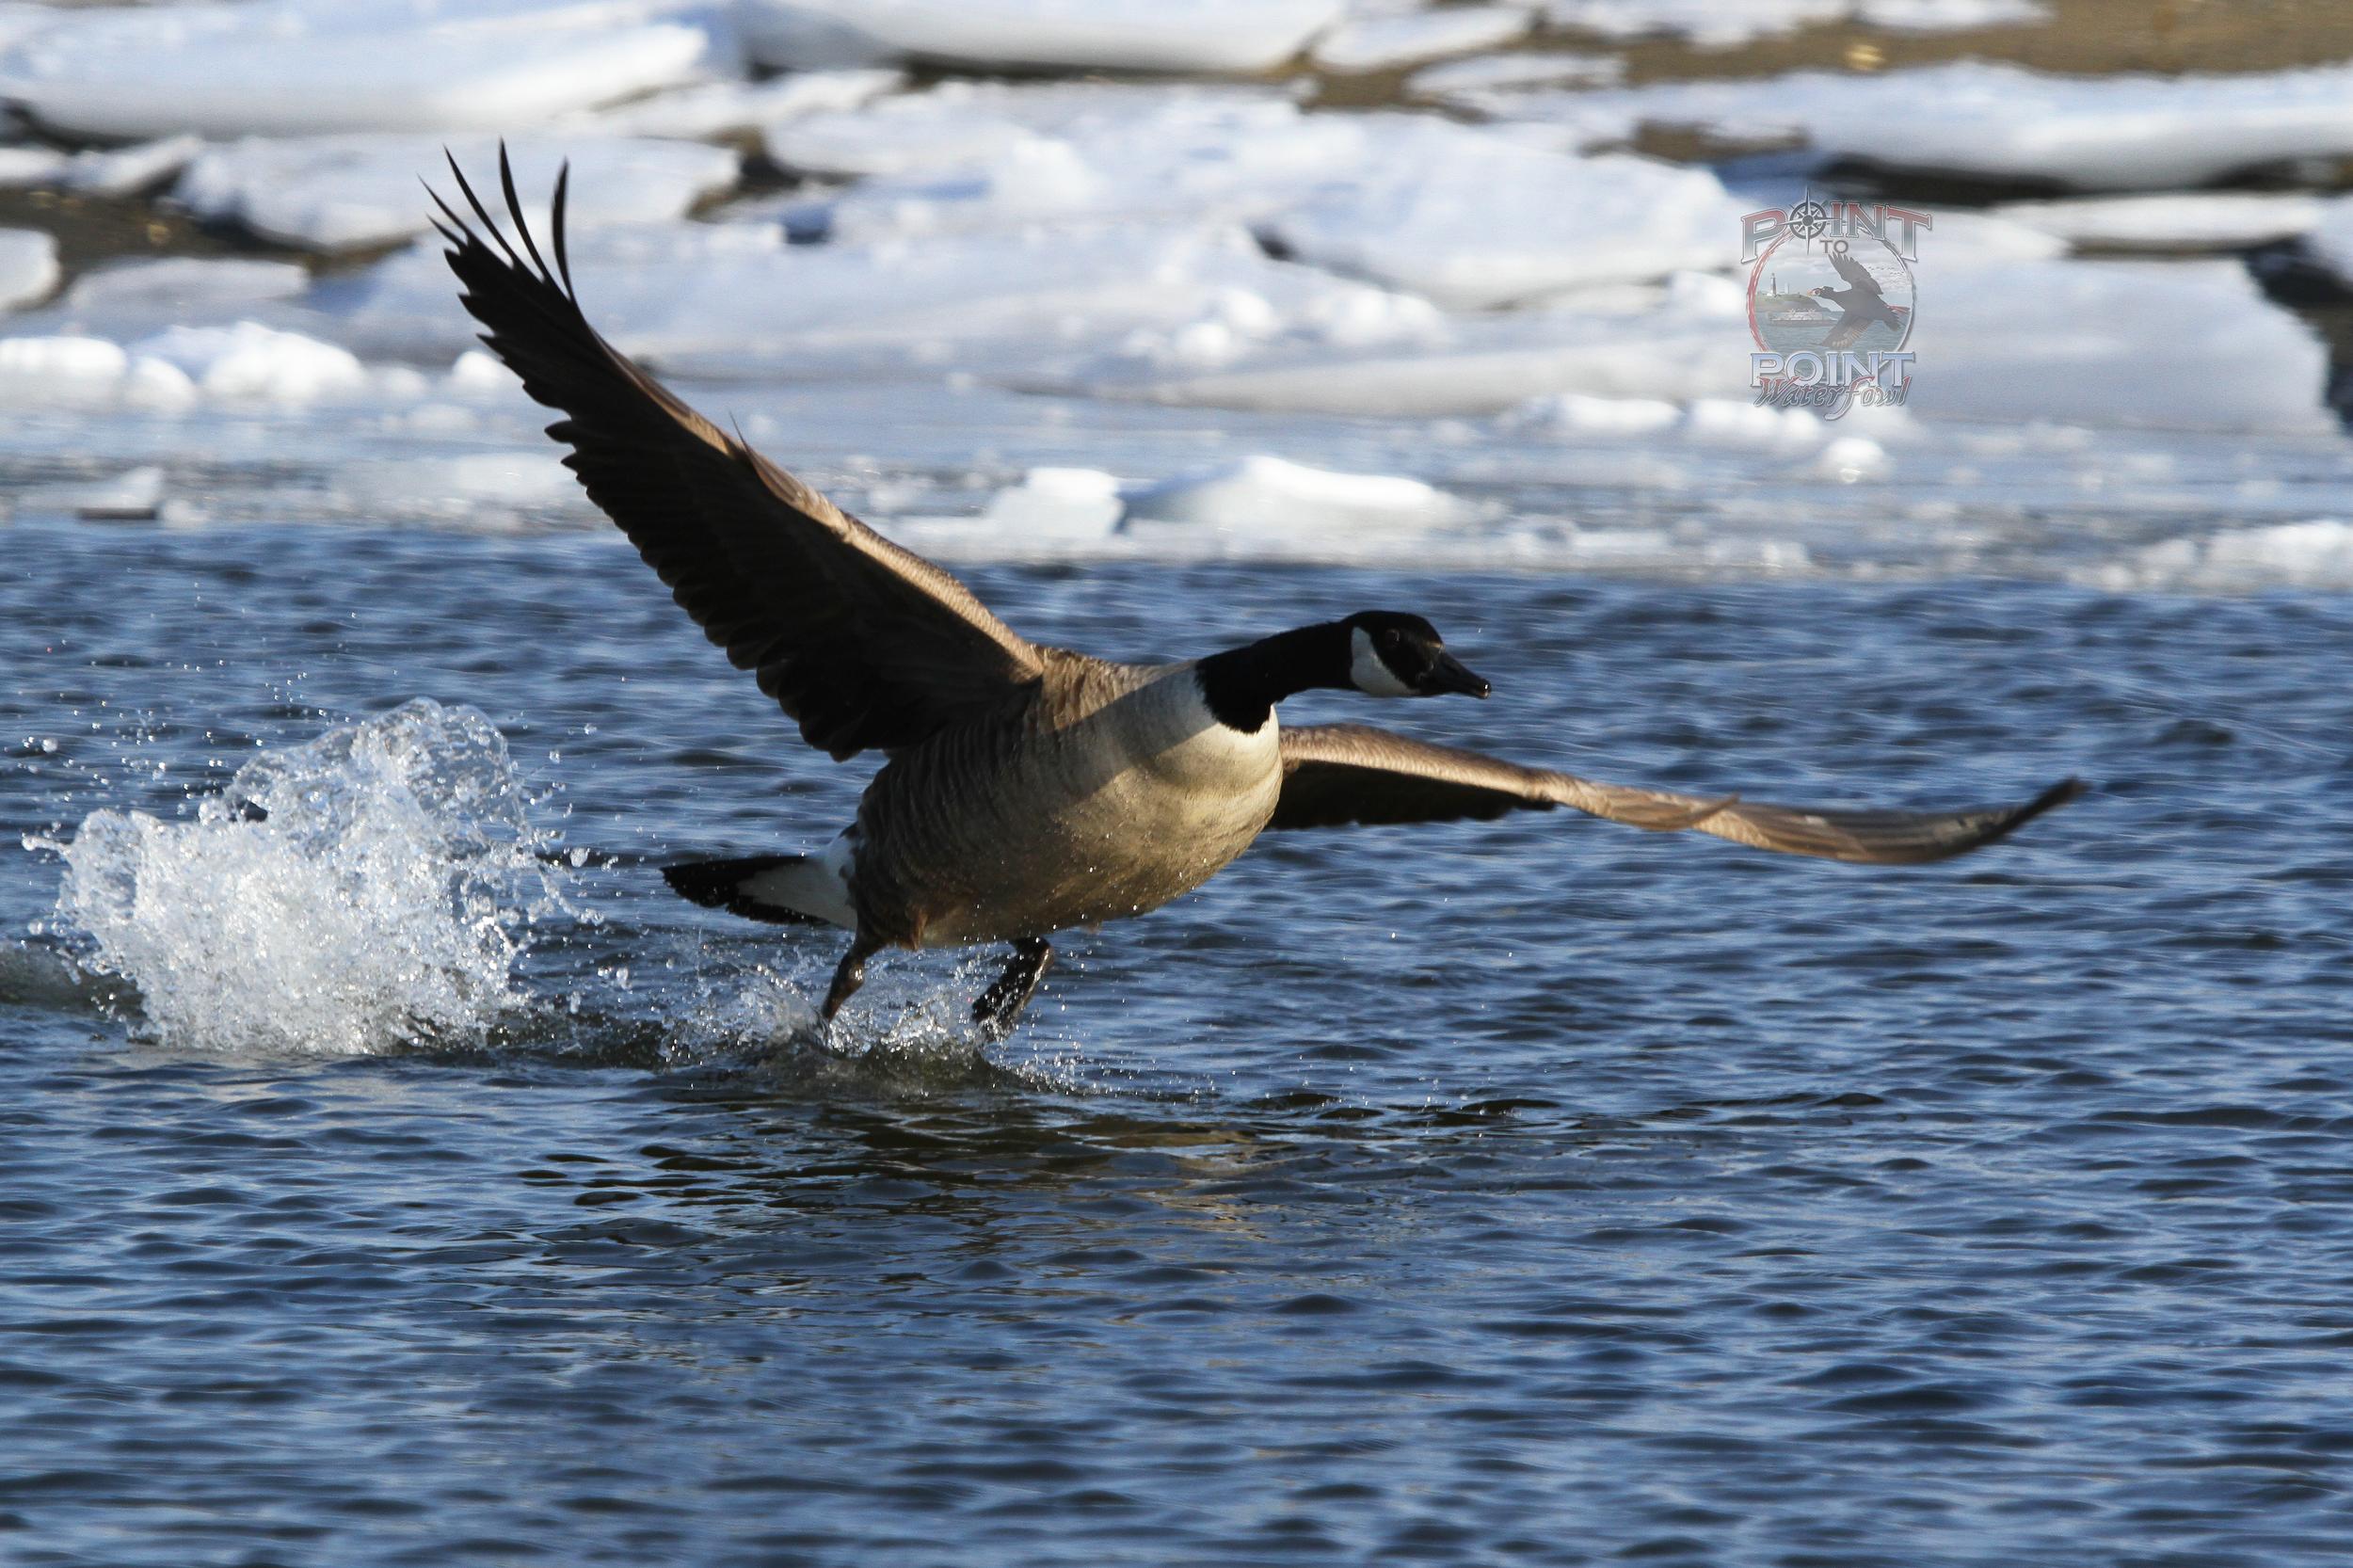 Goose in Flight 17.jpg